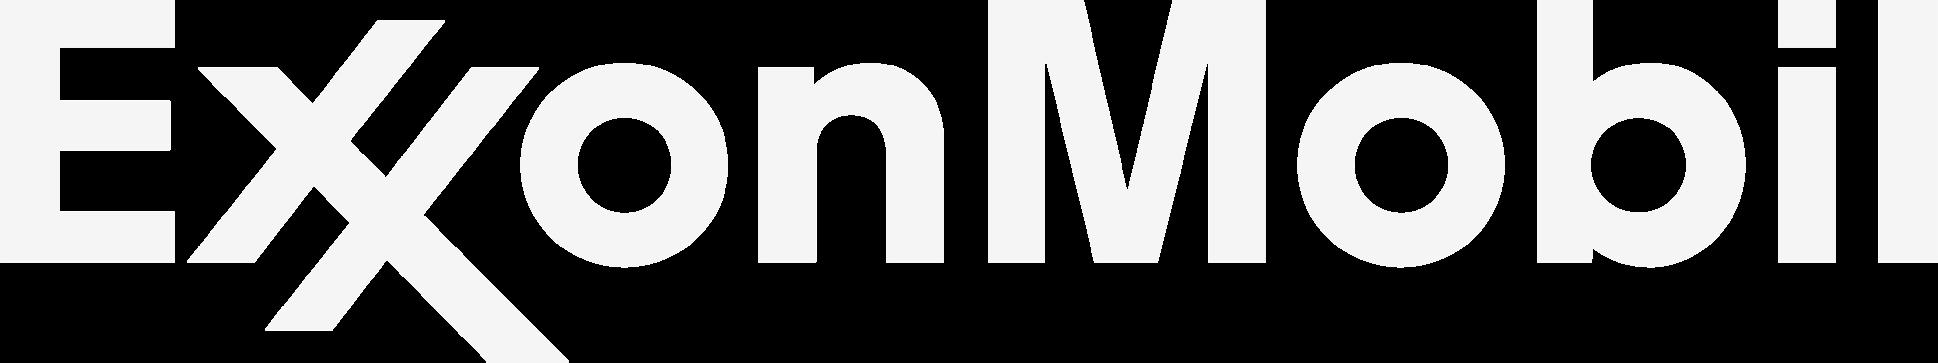 Exxon Mobil Logo w